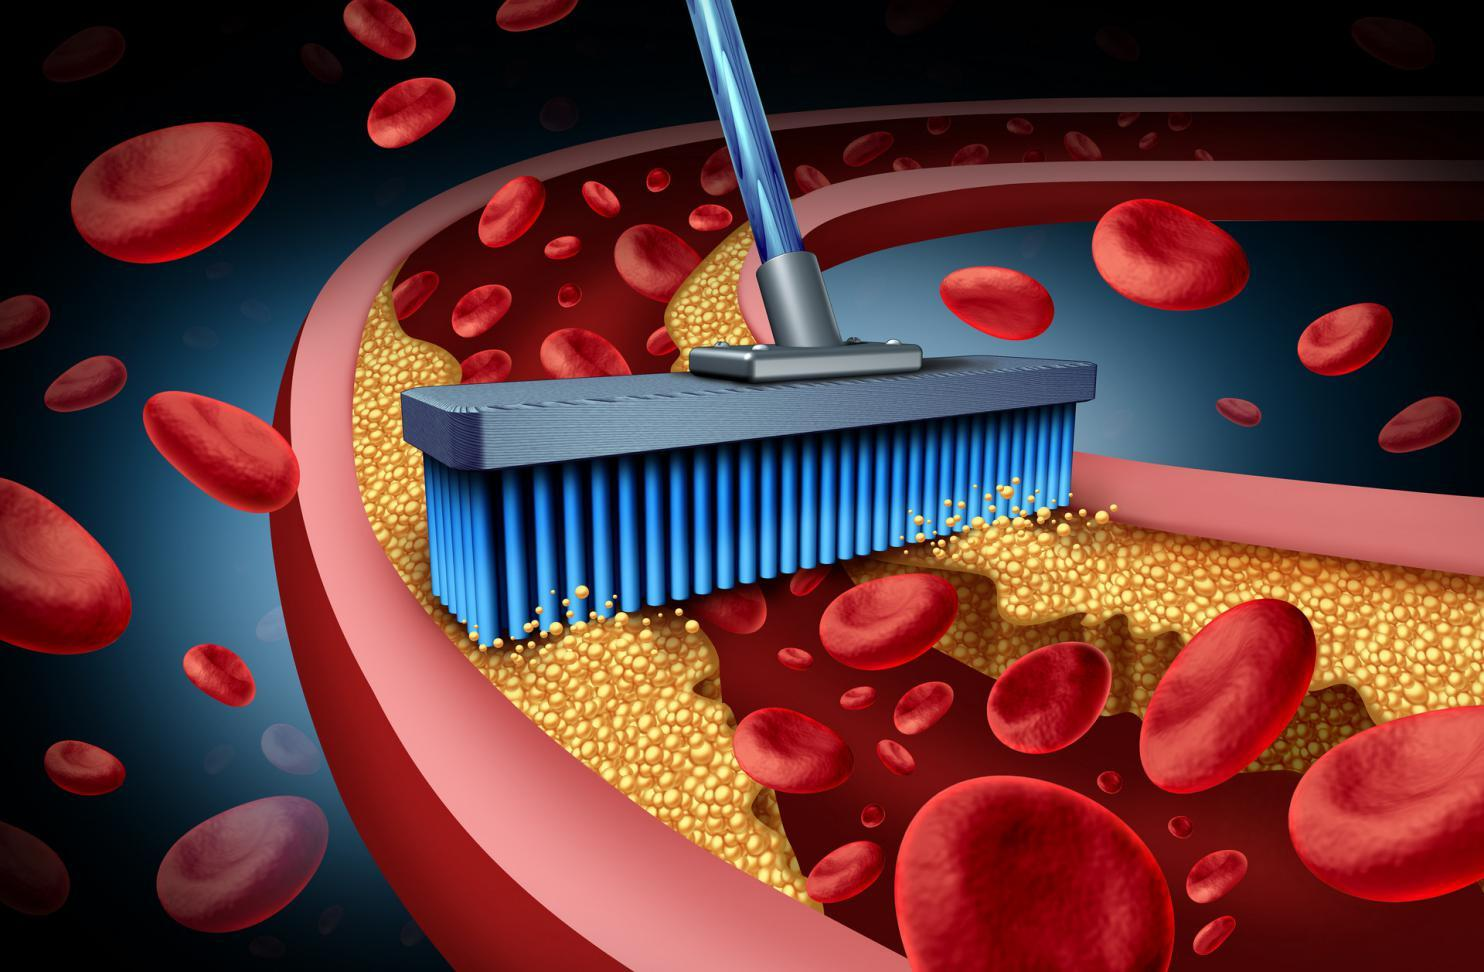 摄图网_300852092_banner_螯合药物治疗心脏病人类血液循环疾病与三维插图元素(非企业商用)